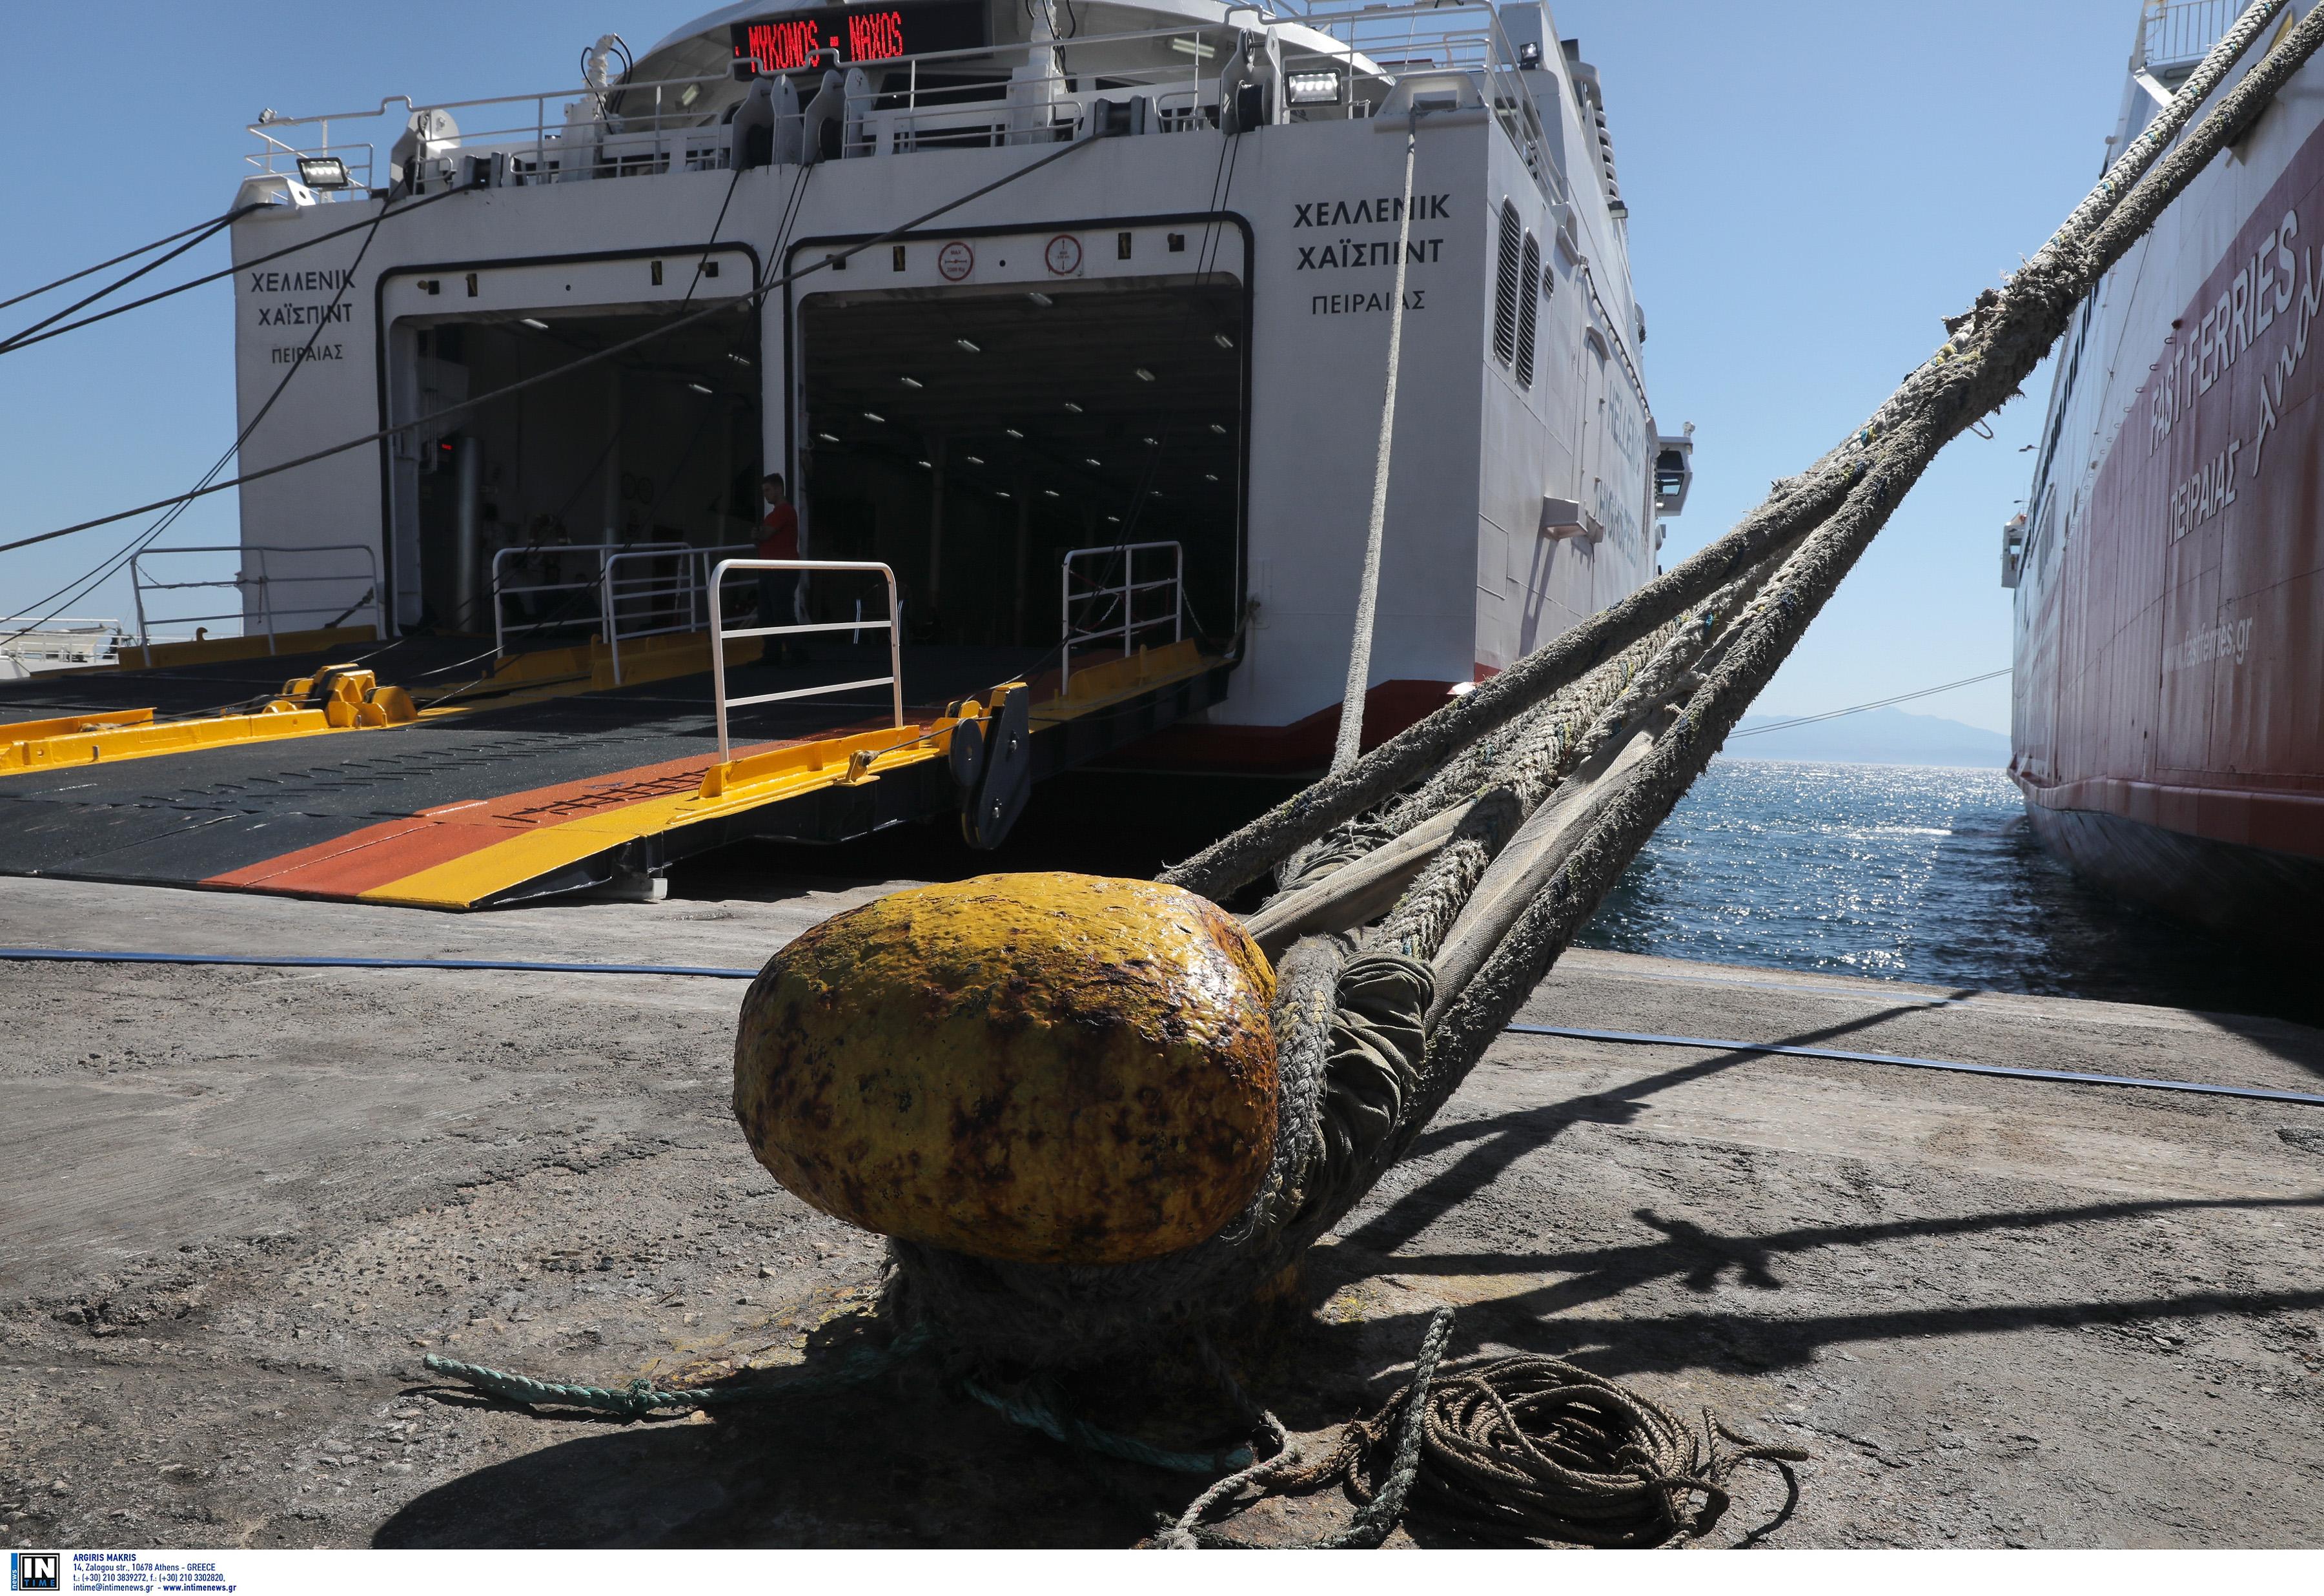 24ωρη απεργία για τις 24 Σεπτεμβρίου αποφάσισαν οι ναυτεργάτες στον Πειραιά